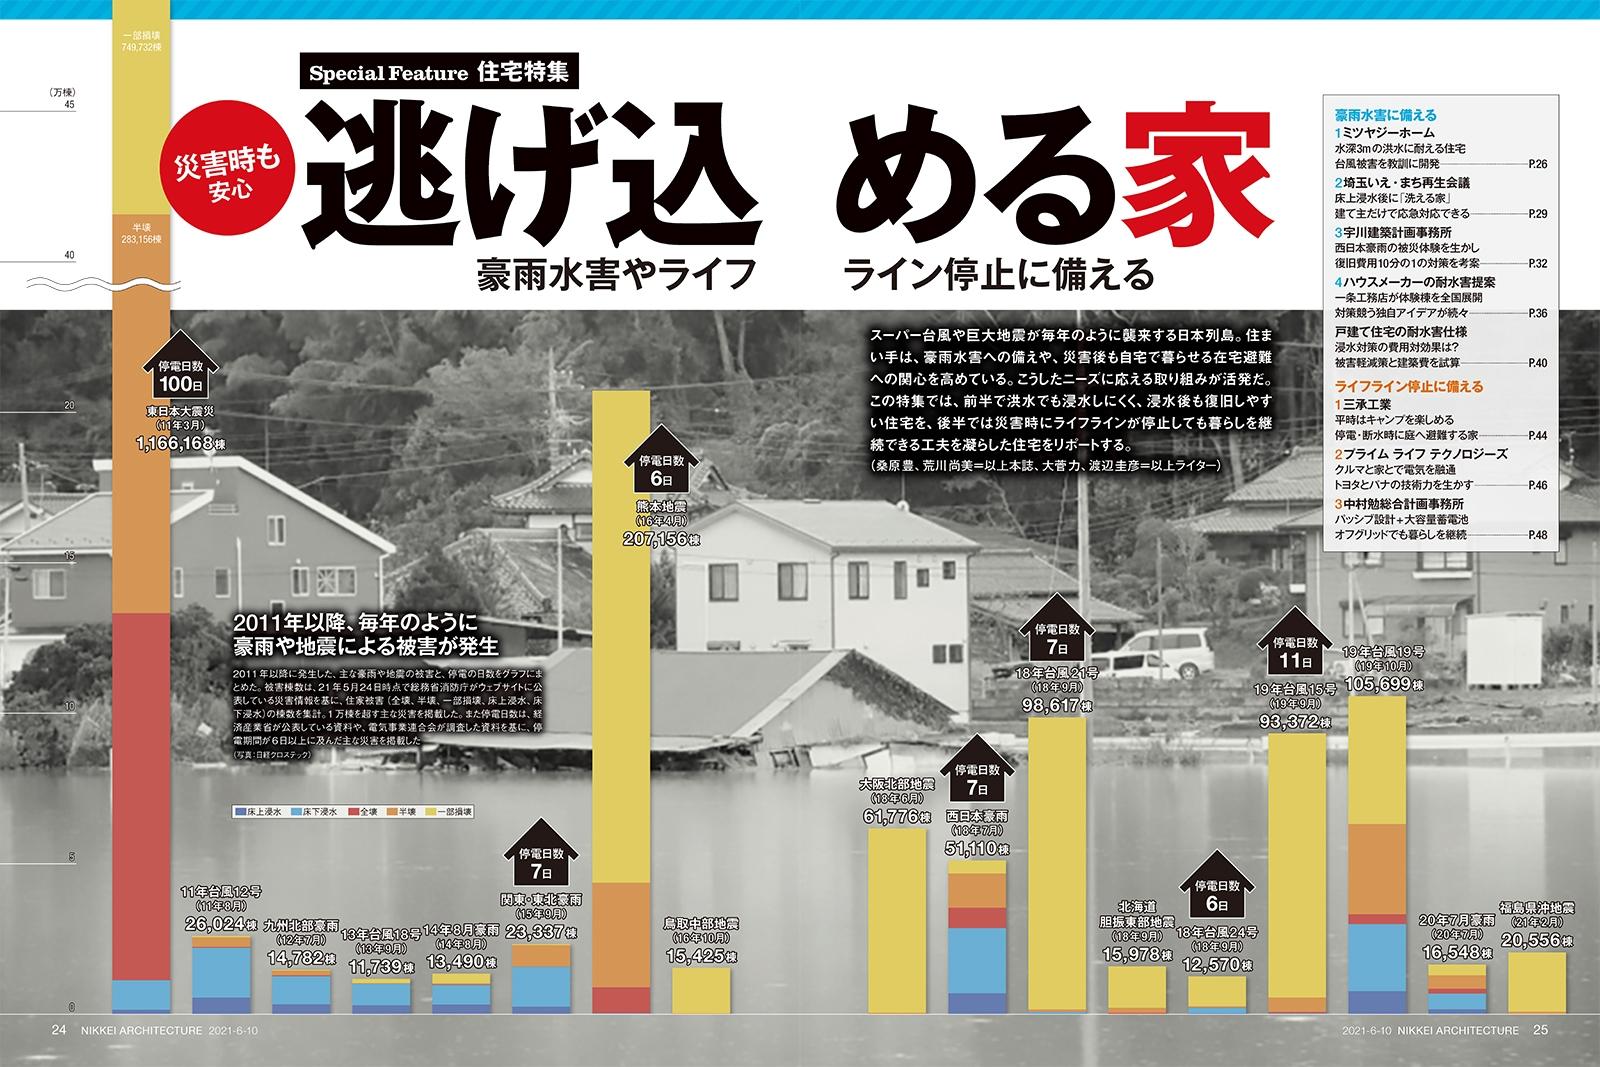 2011年以降、毎年のように豪雨や地震による被害が発生 2011年以降に発生した、主な豪雨や地震の被害と、停電の日数をグラフにまとめた。被害棟数は、21年5月24日時点で総務省消防庁がウェブサイトに公表している災害情報を基に、住家被害(全壊、半壊、一部損壊、床上浸水、床下浸水)の棟数を集計。1万棟を超す主な災害を掲載した。また停電日数は、経済産業省が公表している資料や、電気事業連合会が調査した資料を基に、停電期間が6日以上に及んだ主な災害を掲載した(写真:日経クロステック)